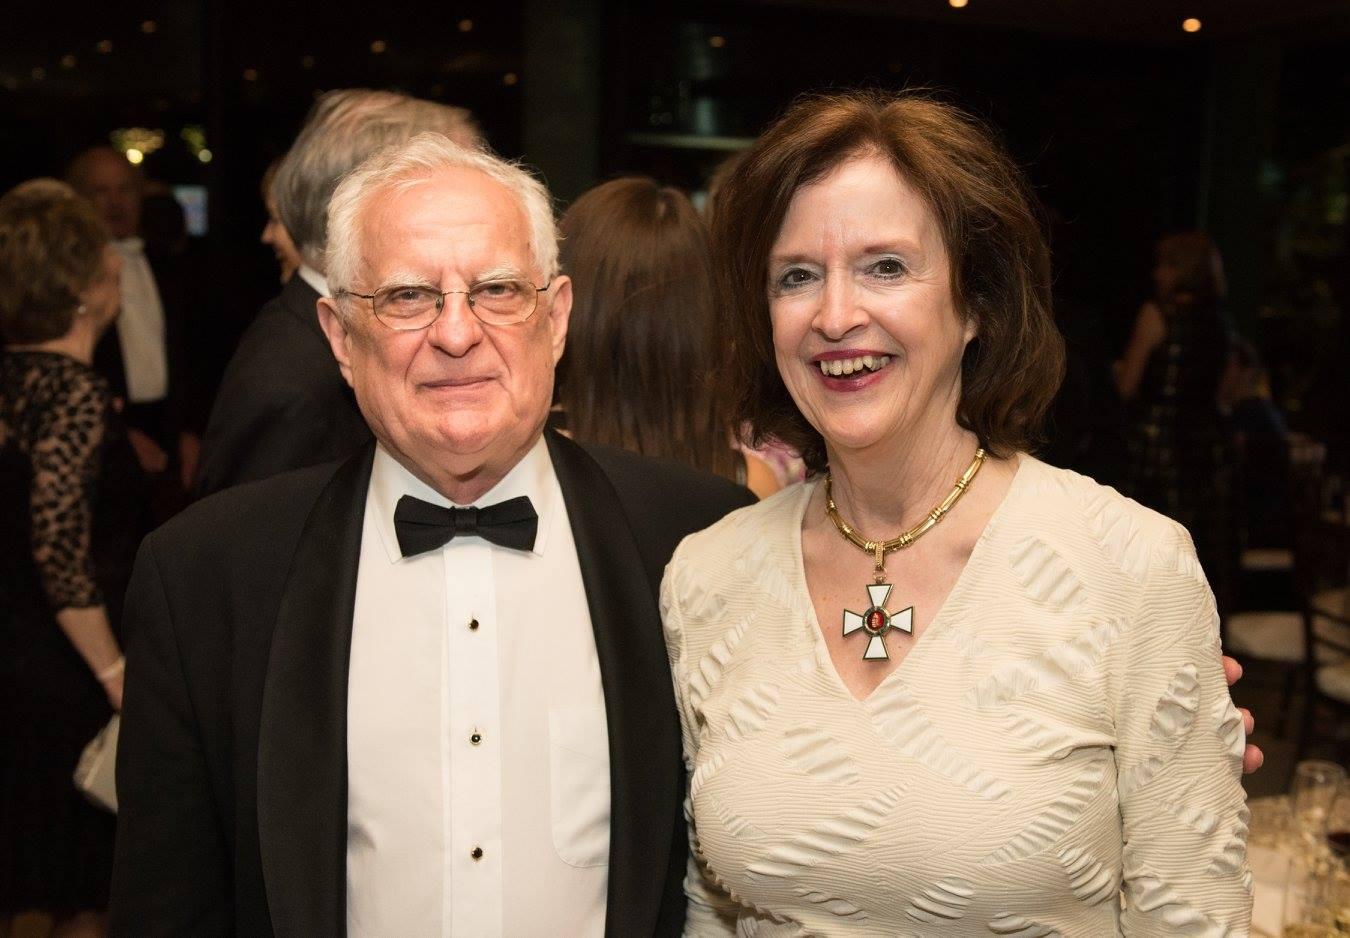 Mr. Zsolt Szekeres and Ambassador April H. Foley